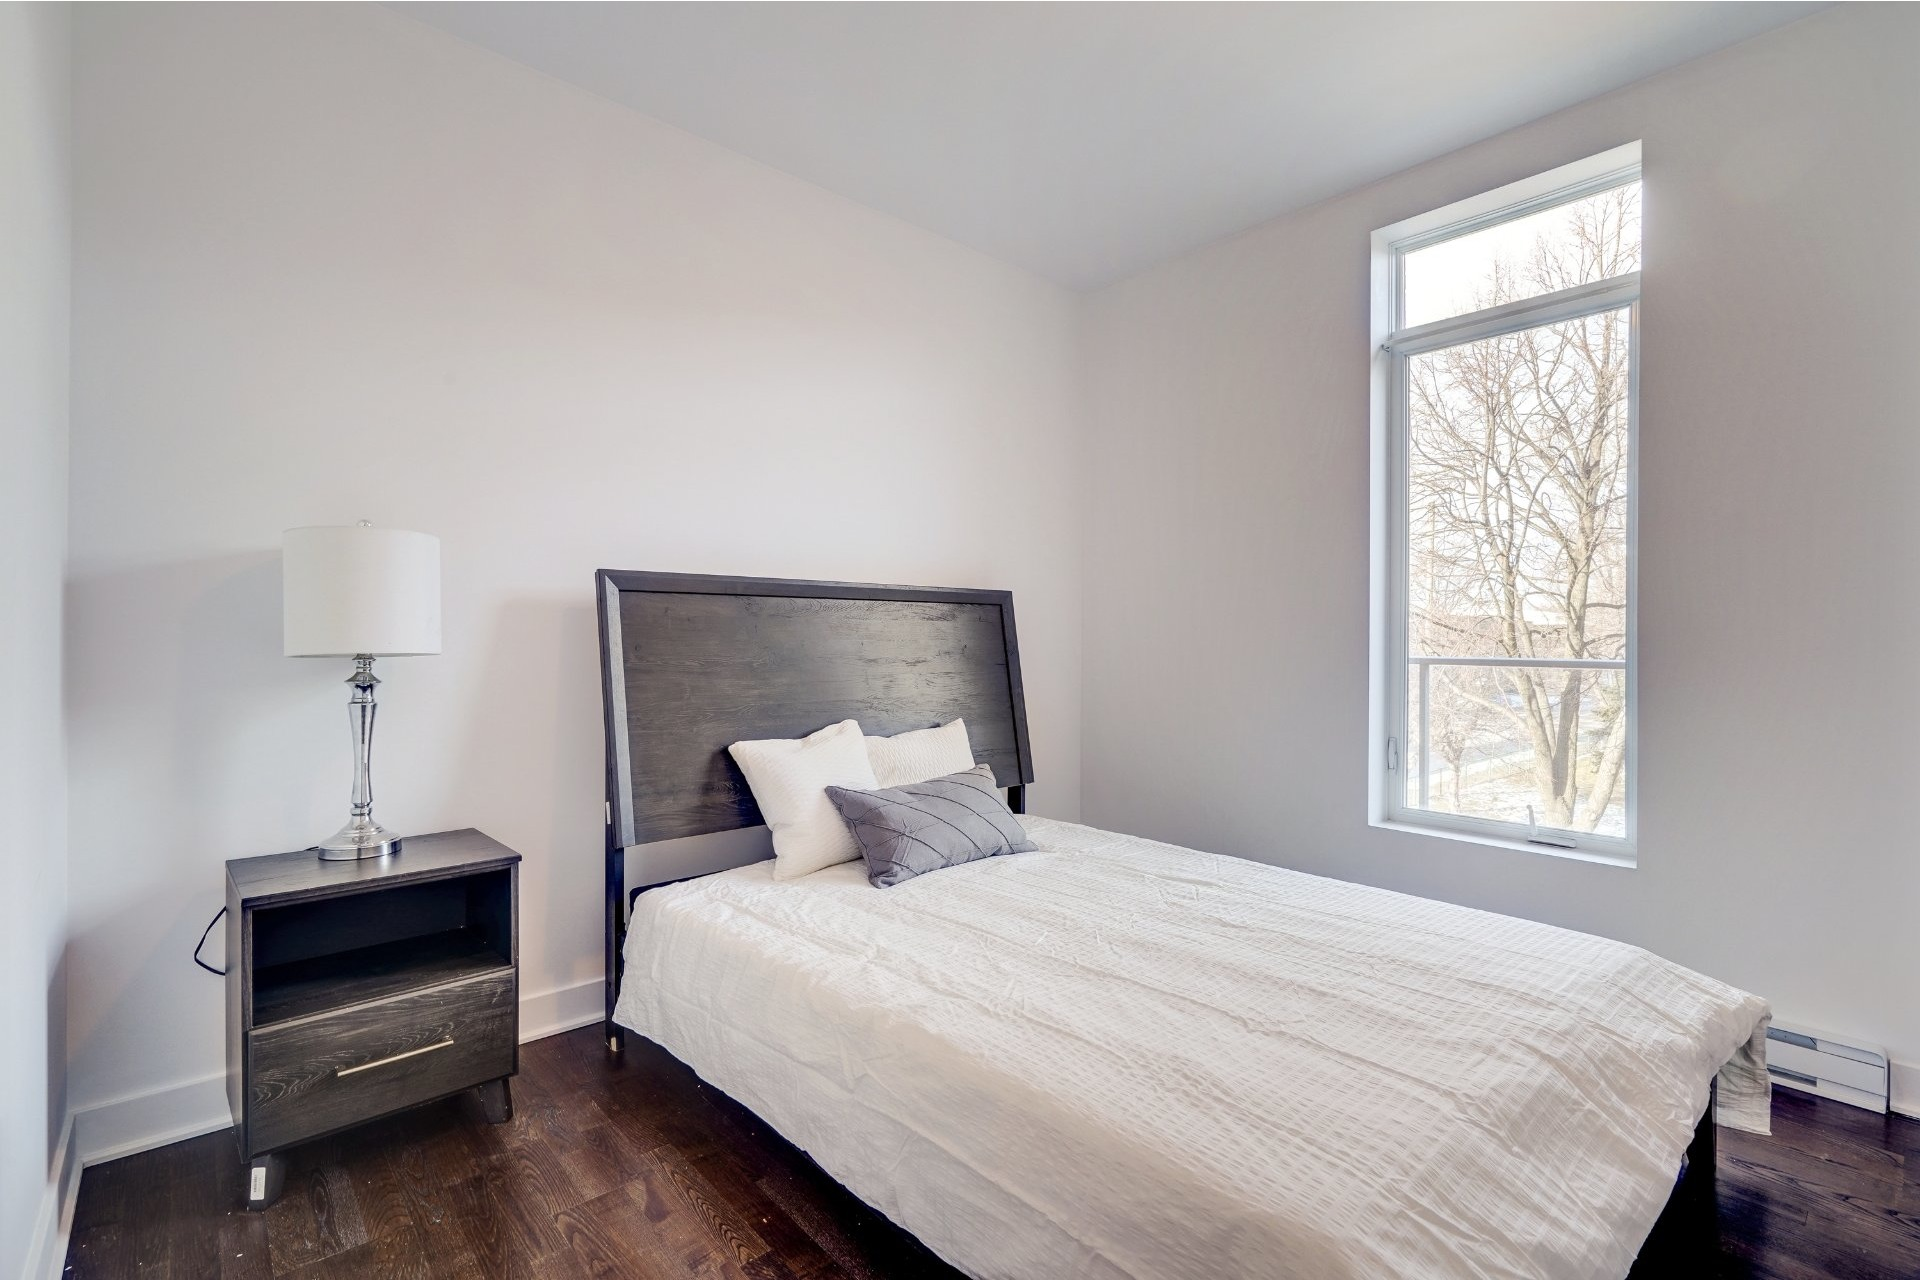 image 15 - Appartement À vendre Lachine Montréal  - 11 pièces